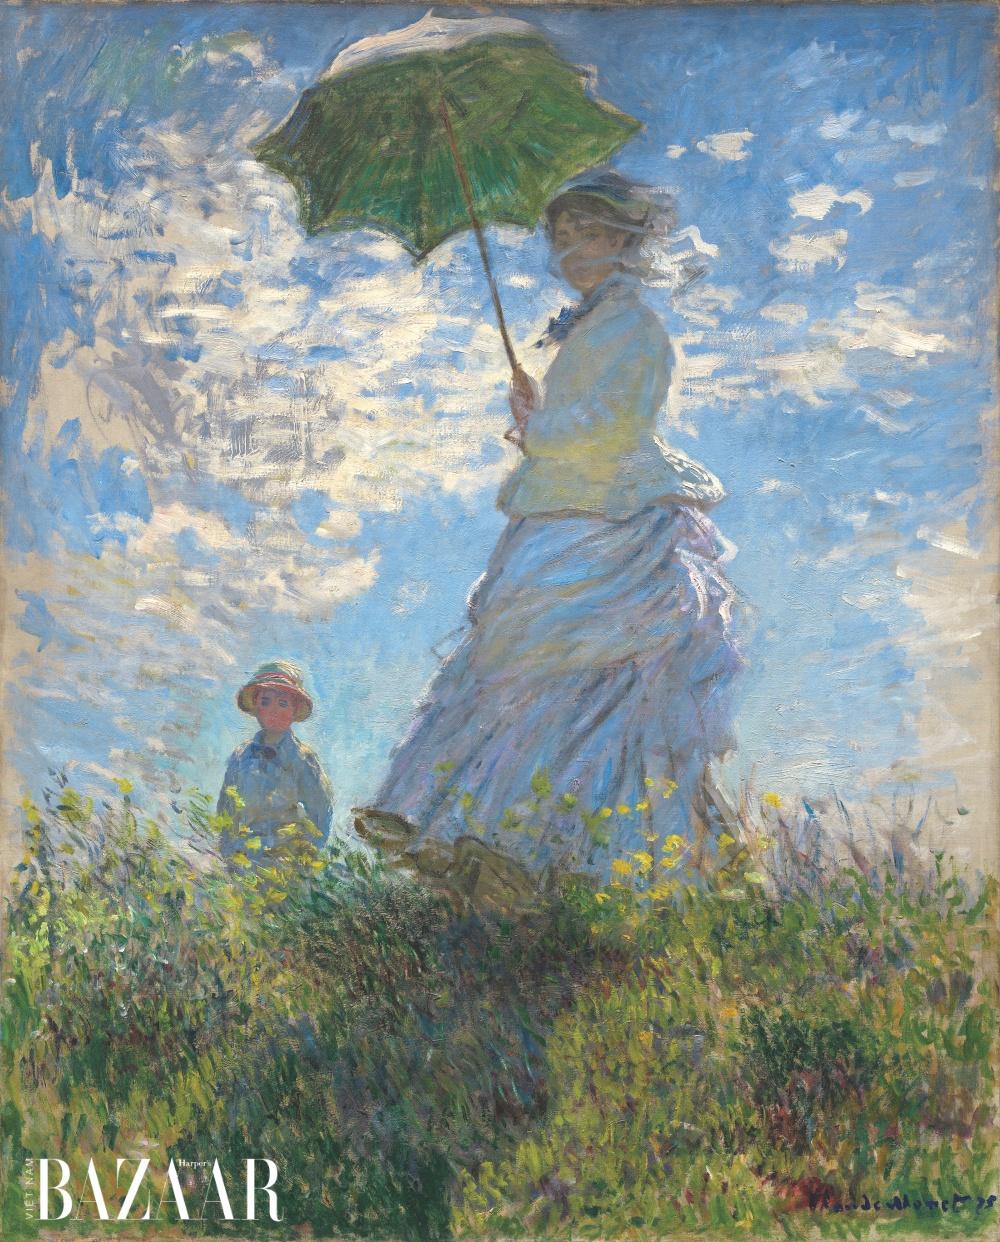 Tranh Người phụ nữ với chiếc ô (La femme à l'ombrelle) do danh họa Claude Monet vẽ năm 1875.